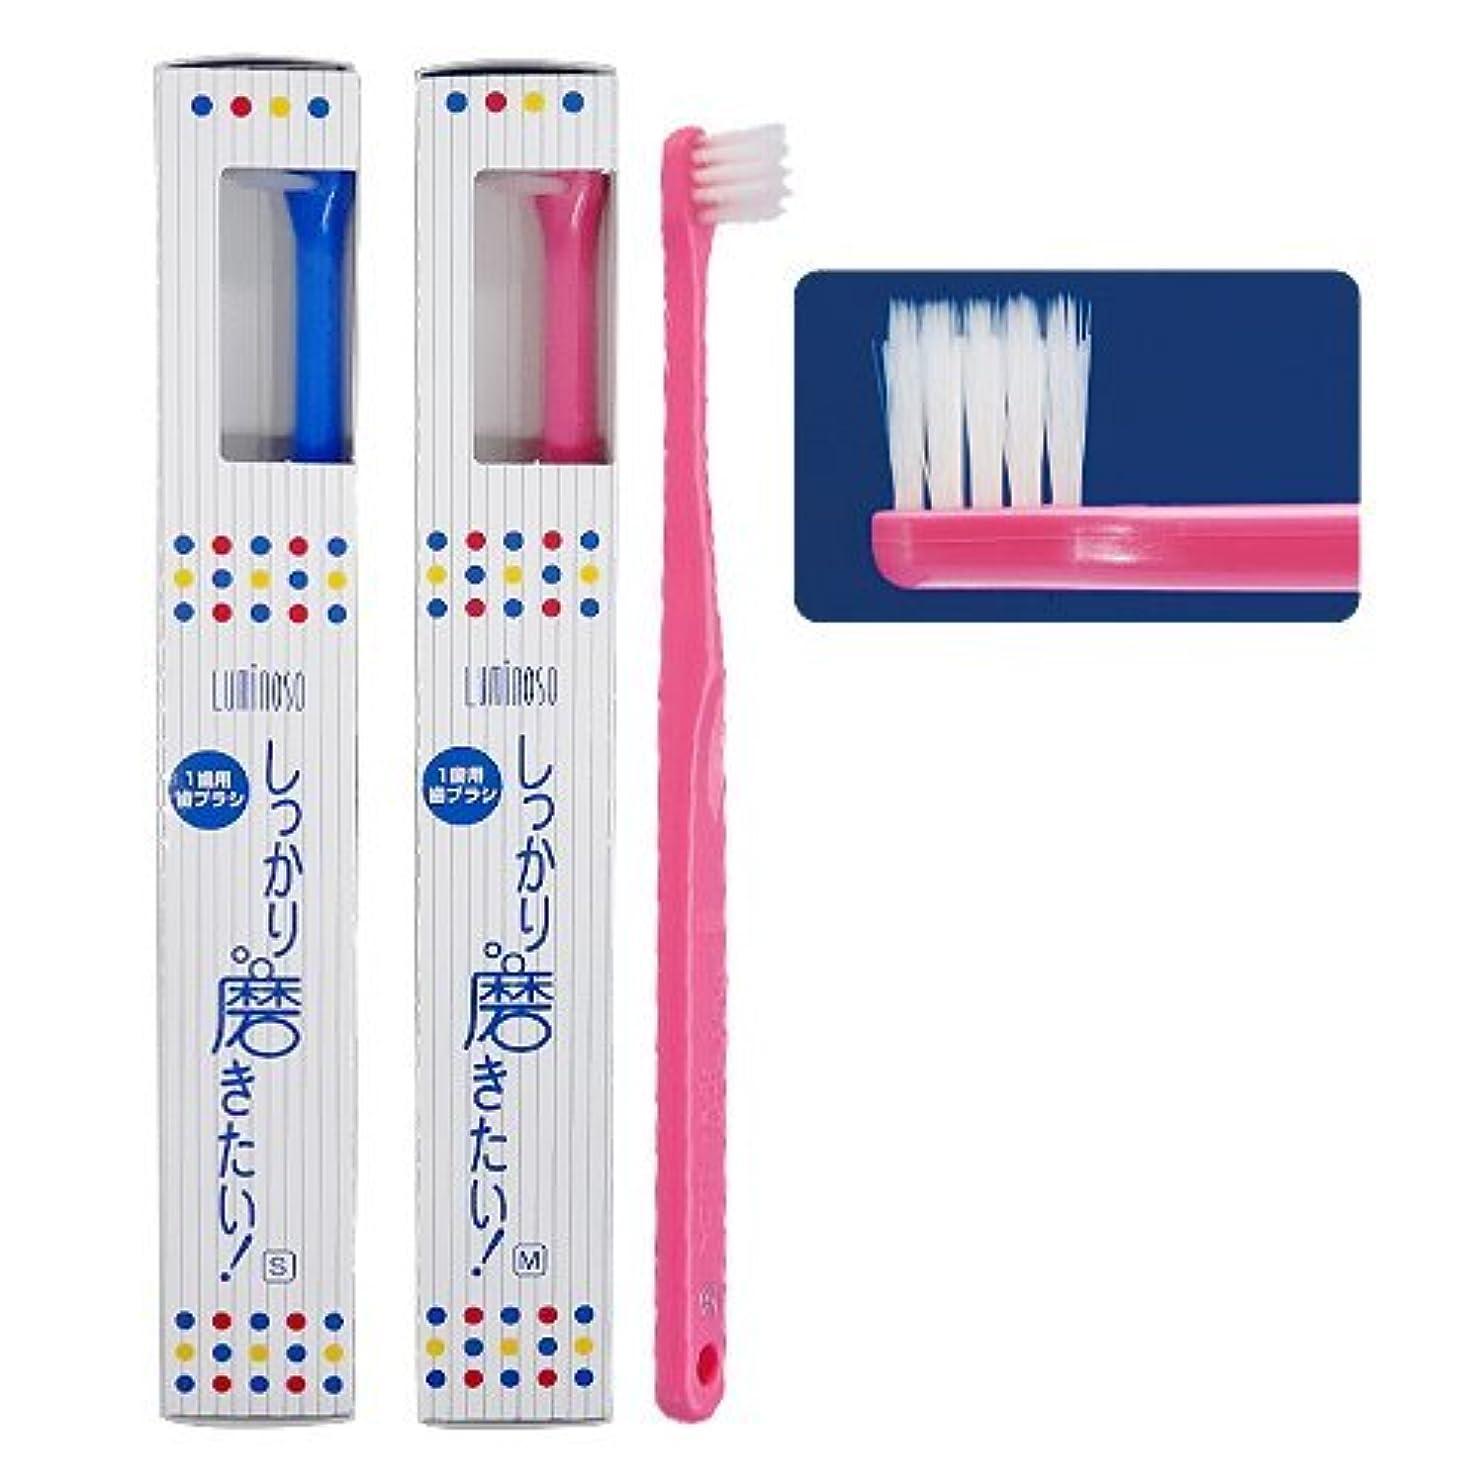 ページ控えめな雇用者ルミノソ 1歯用歯ブラシ「しっかり磨きたい!」スタンダード ソフト (カラー指定不可) 10本